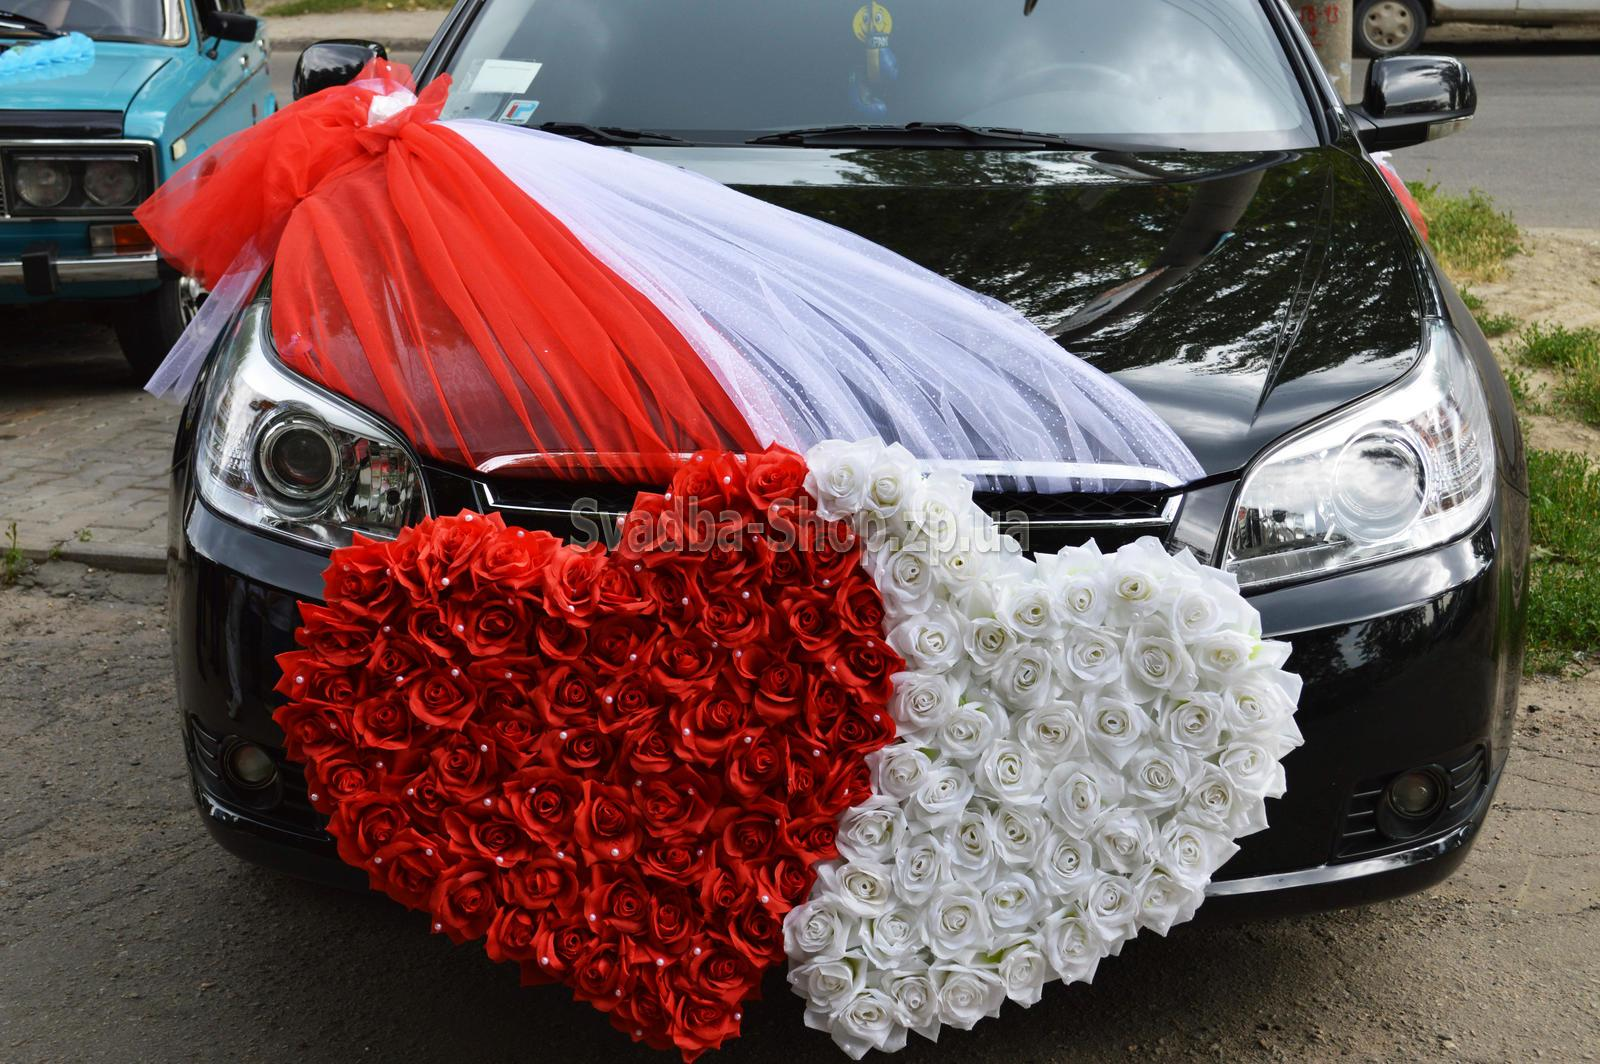 Как делать украшения на машину на свадьбу своими руками 6